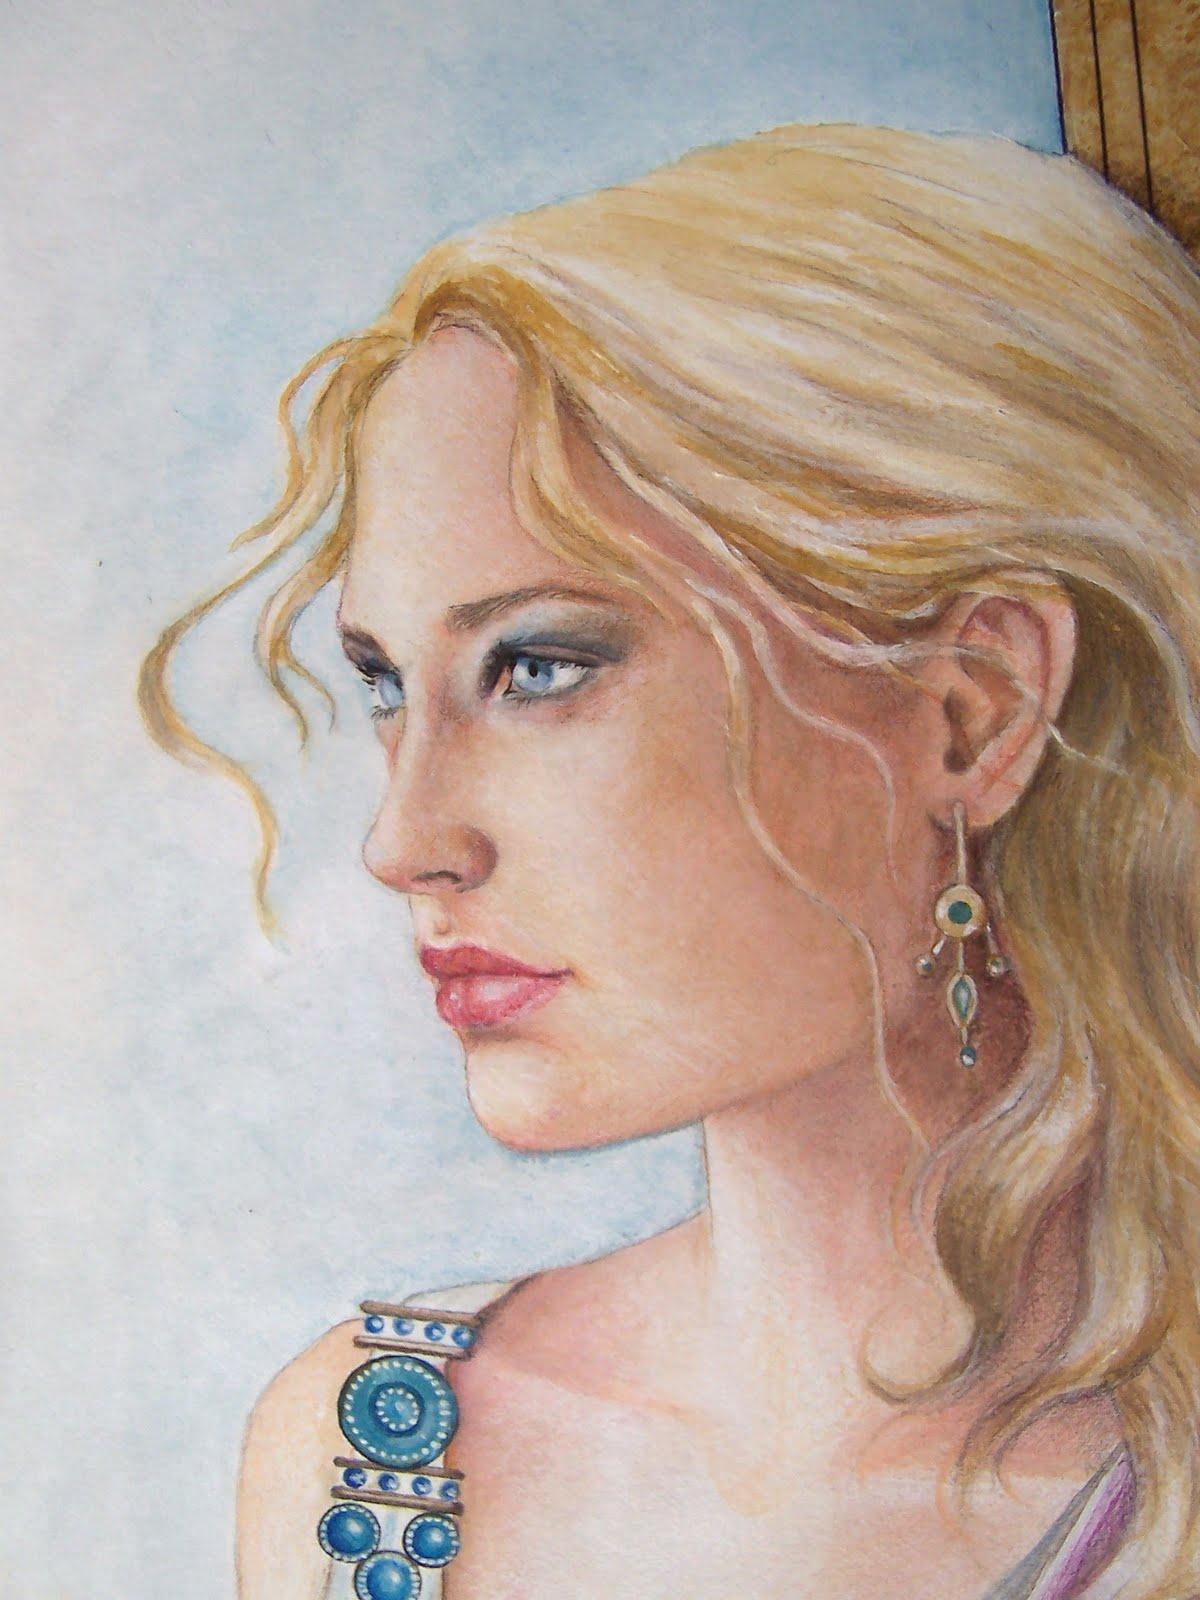 Damaride marangelli illustrator il mito di elena for Francesca la troia